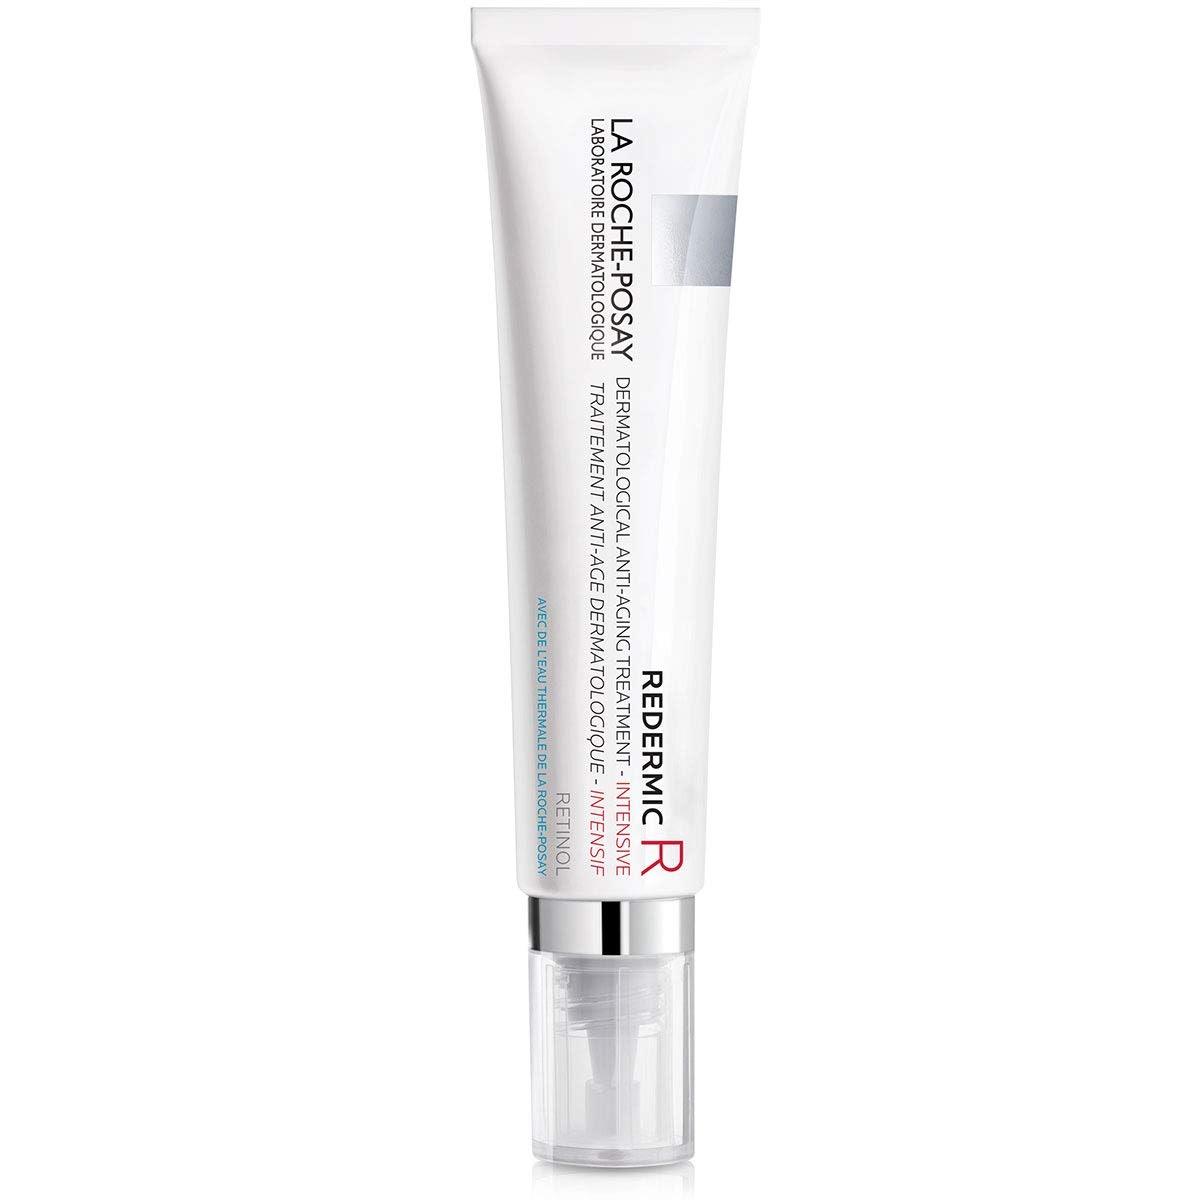 La Roche-Posay Redermic R Retinol Cream